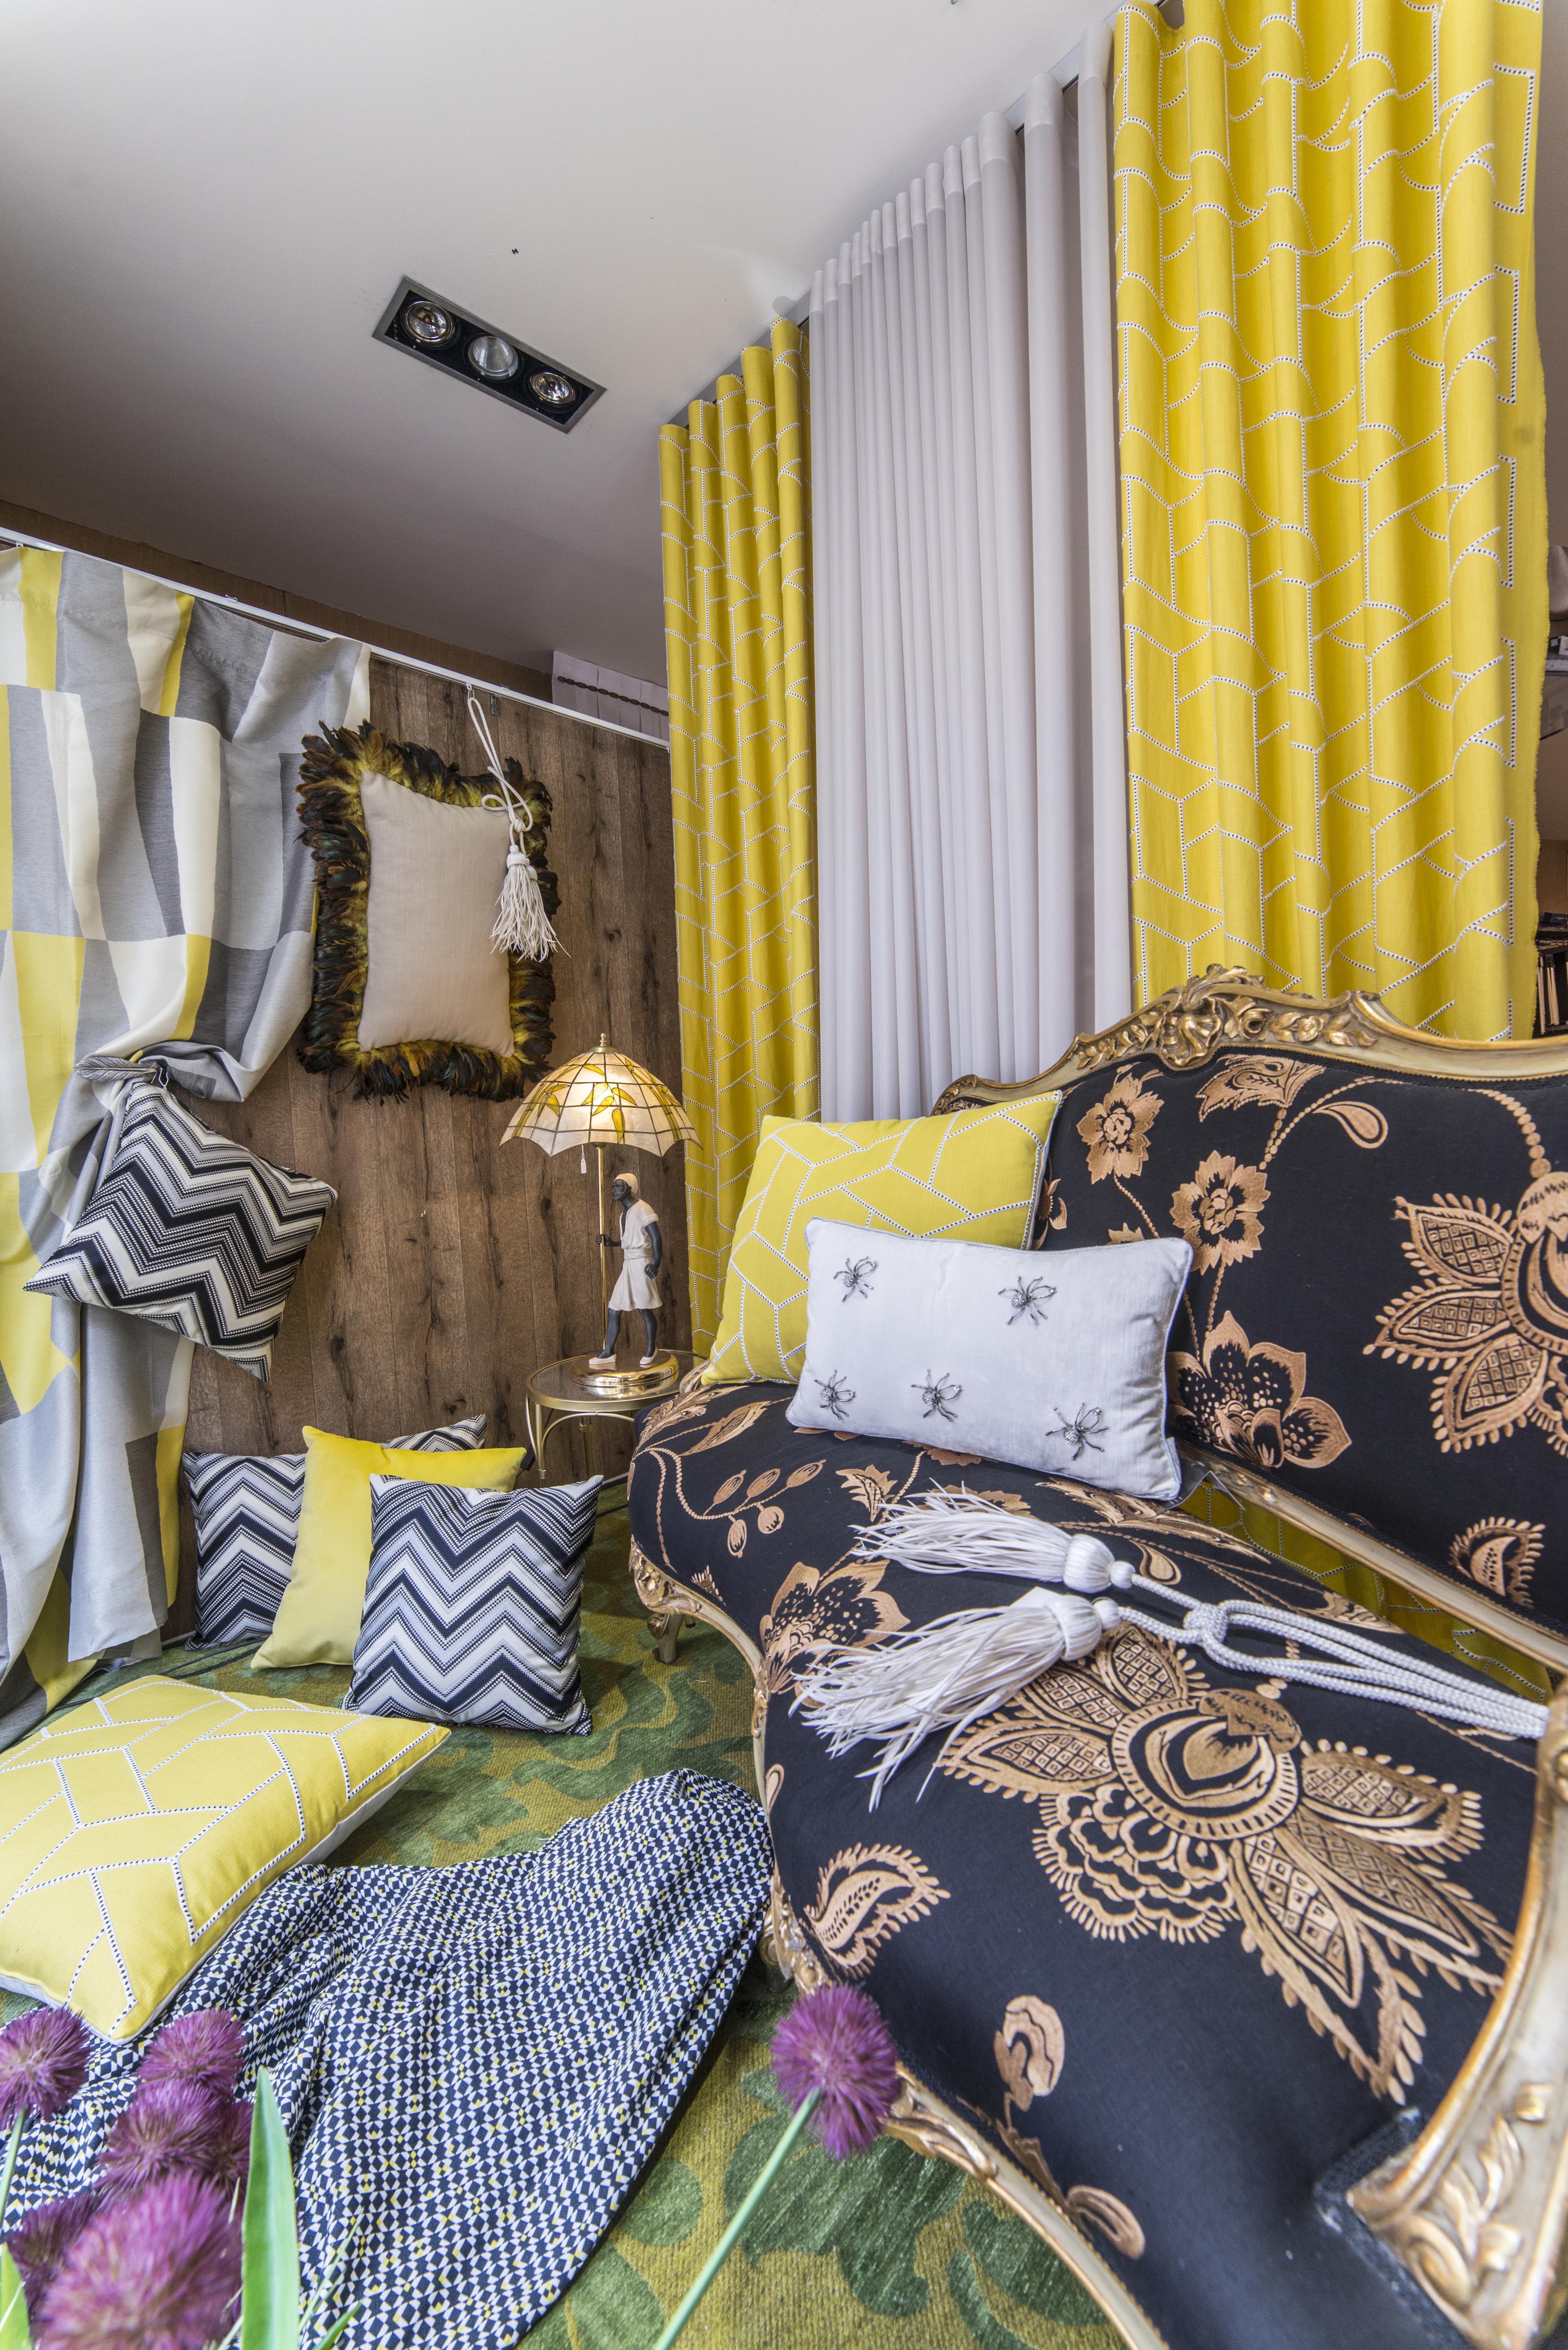 Tejidos para decoración textil de interiores en Navarra